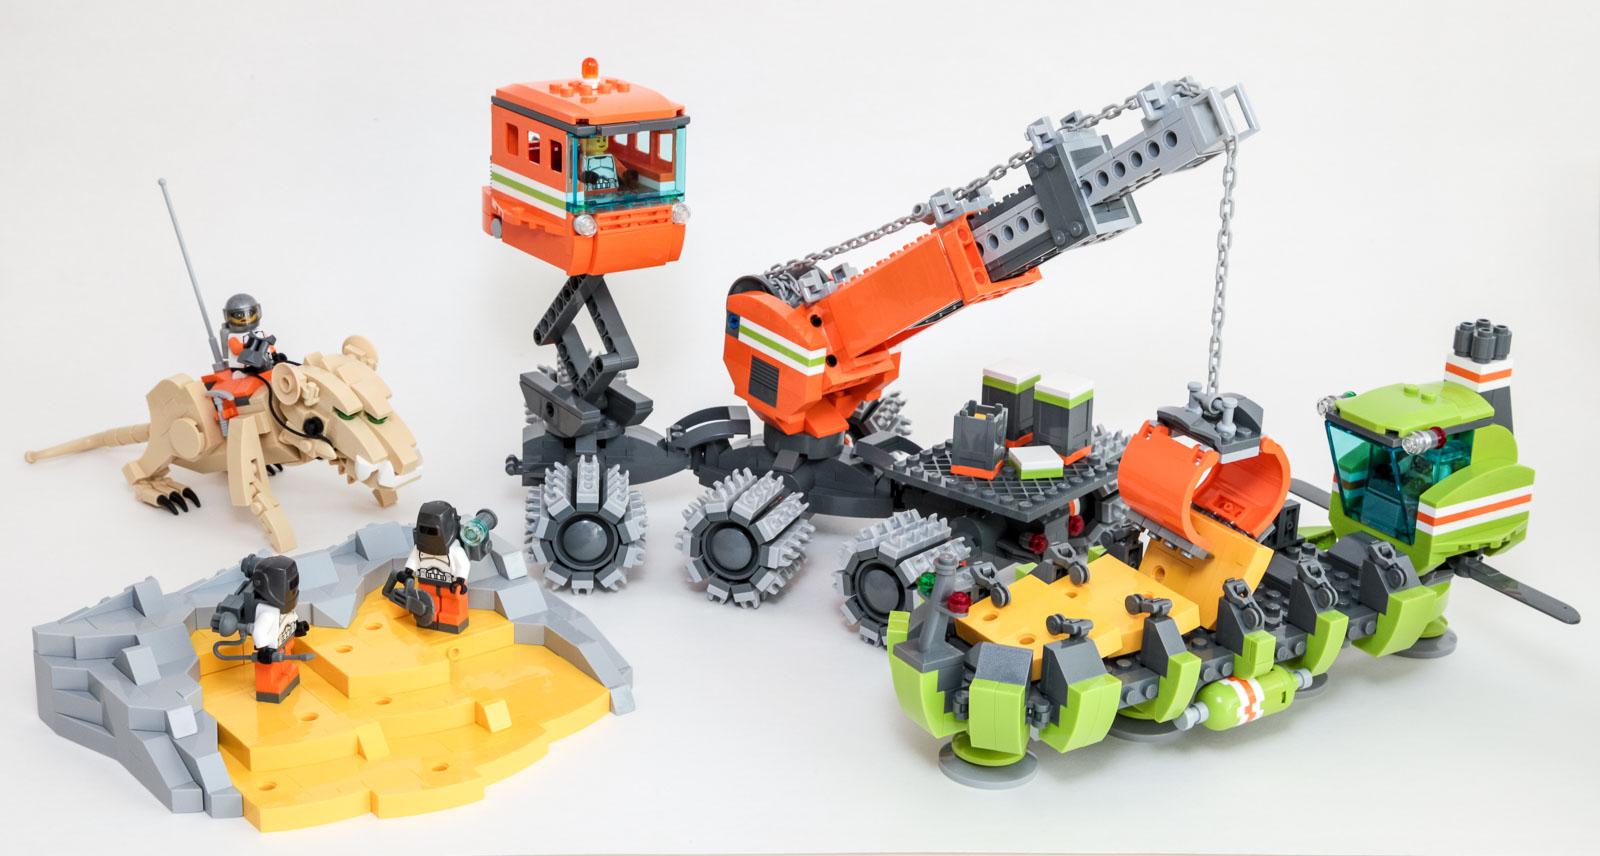 Mua Lego cho bé tại Cần Thơ - Đồ Chơi Trẻ Em Nhập Khẩu Cao Cấp